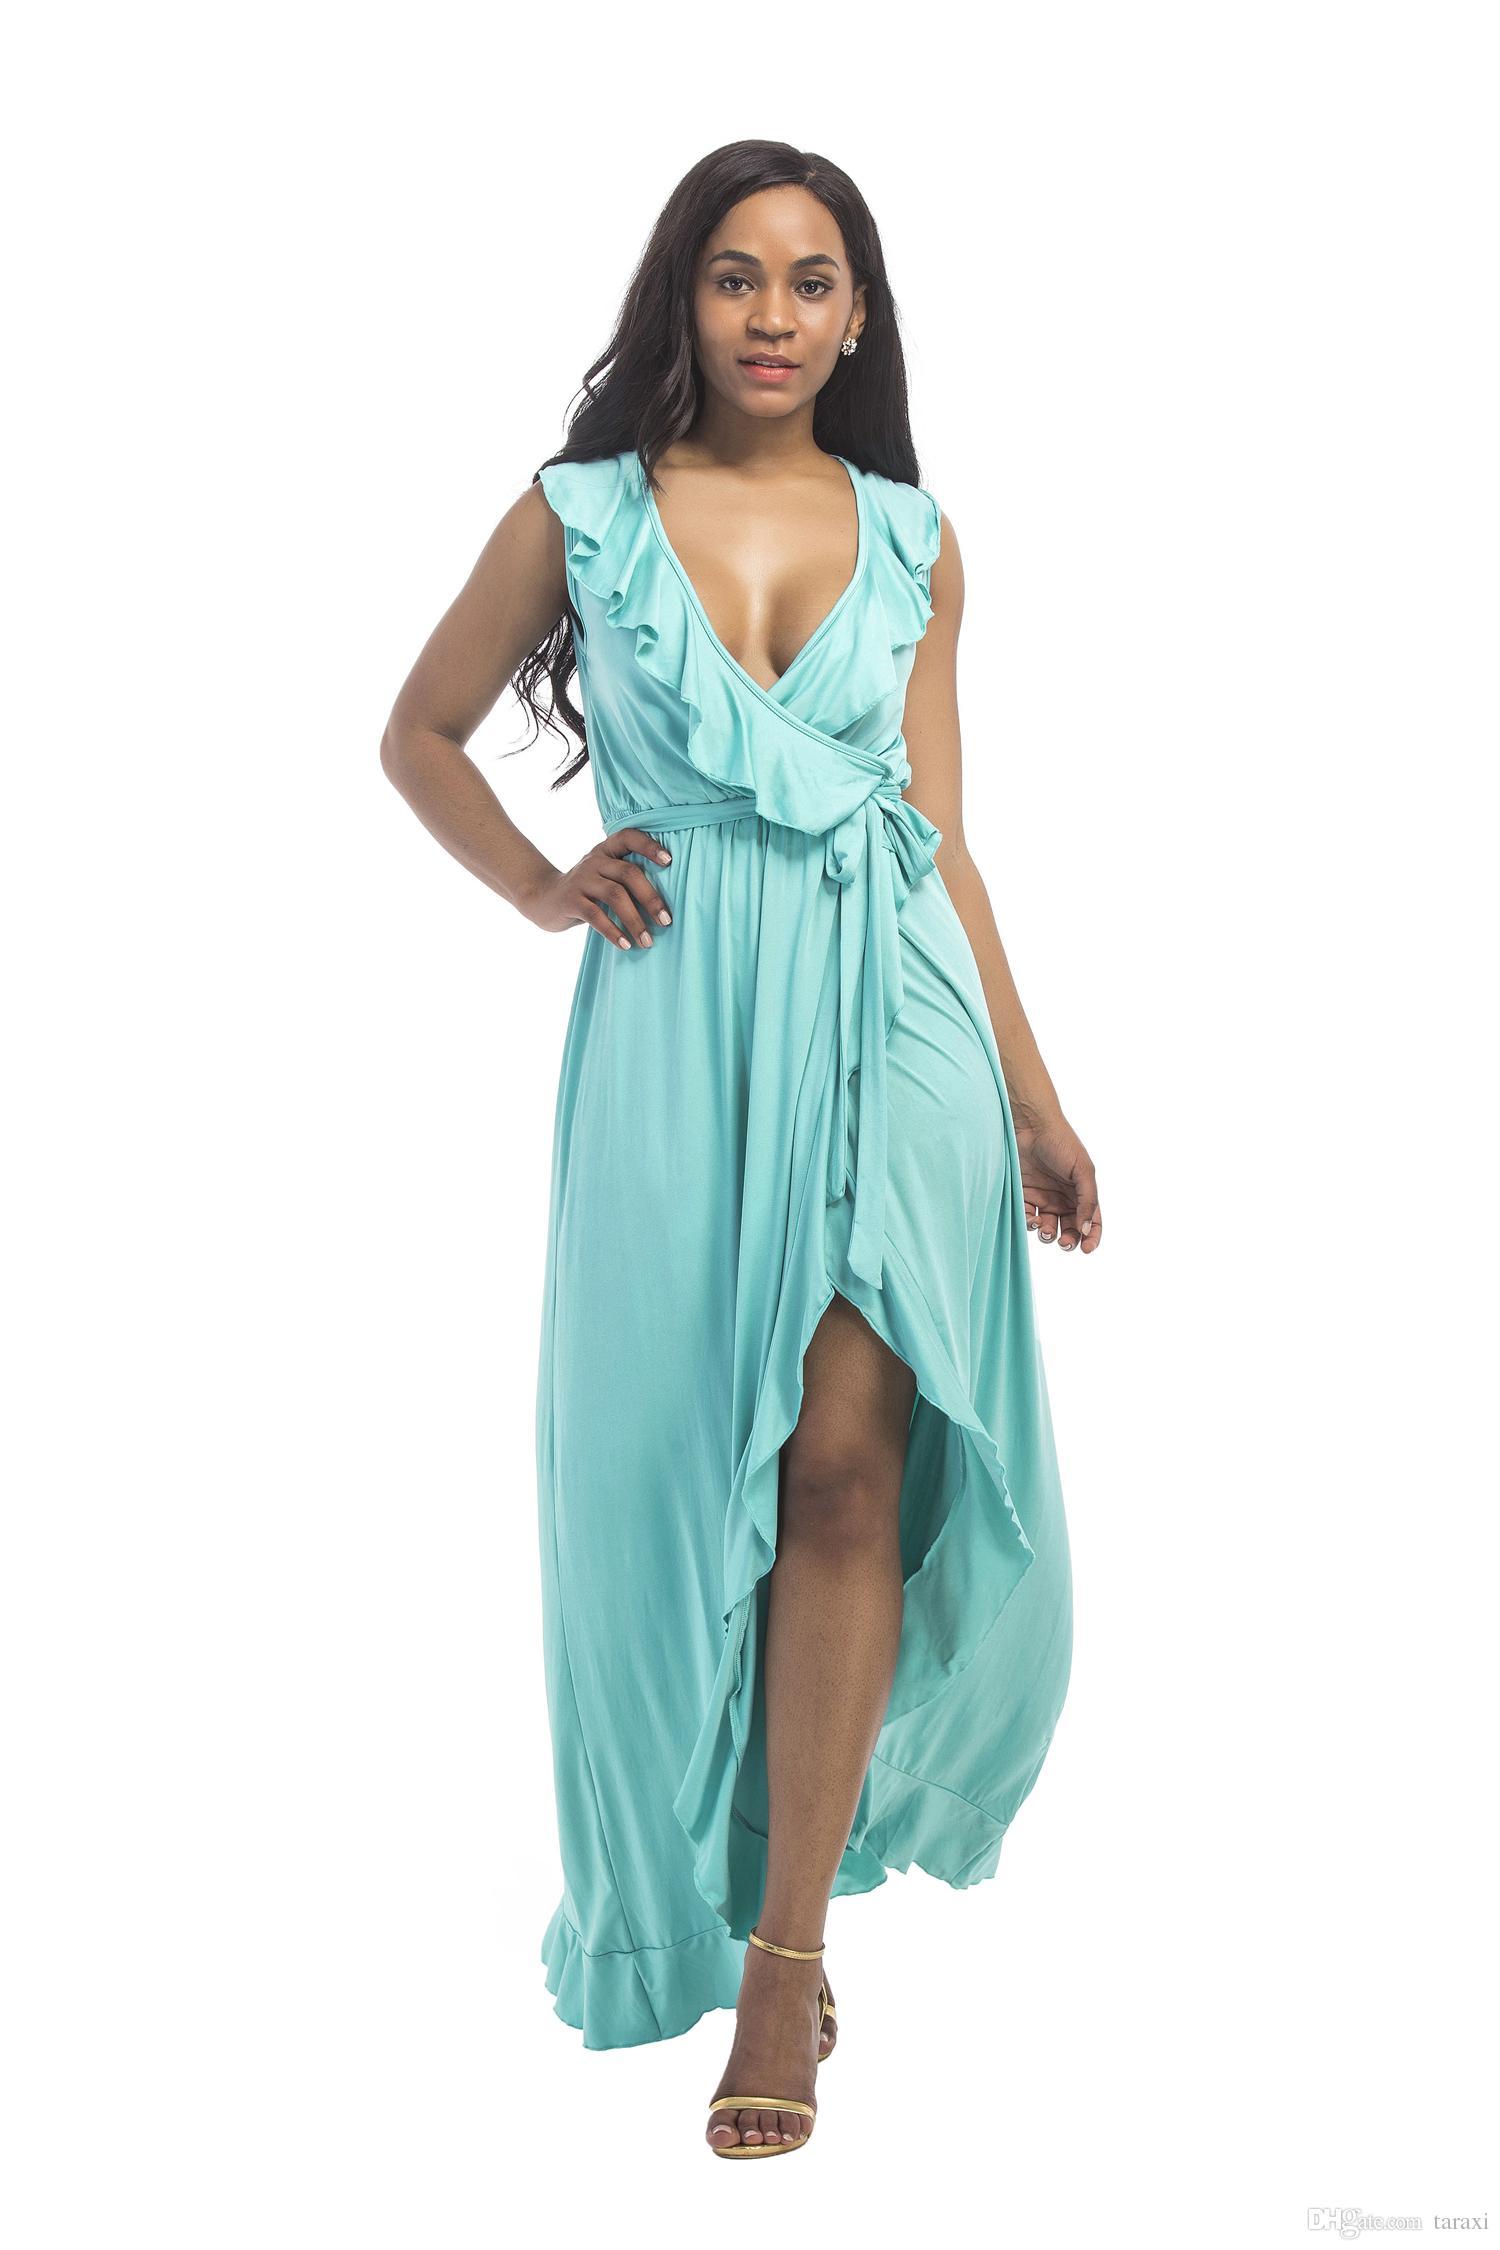 Verschiedene Moderne Kleider 2017 Das Beste Von Großhandel Neue Blaue Abendkleider Tiefem V Ausschnitt